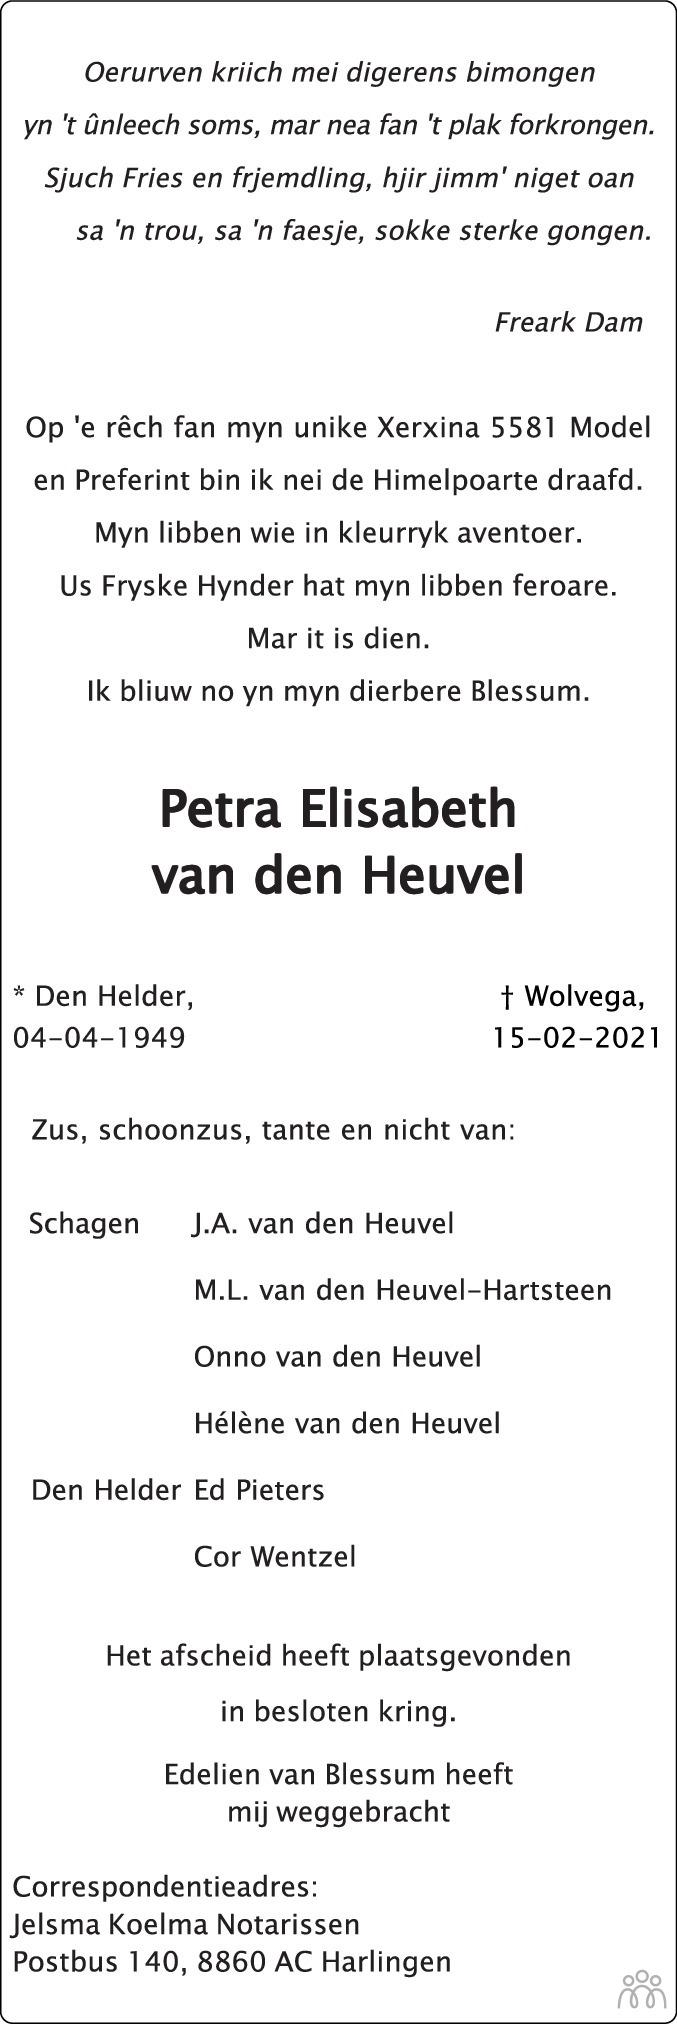 Overlijdensbericht van Petra Elisabeth van den Heuvel in Huis aan Huis